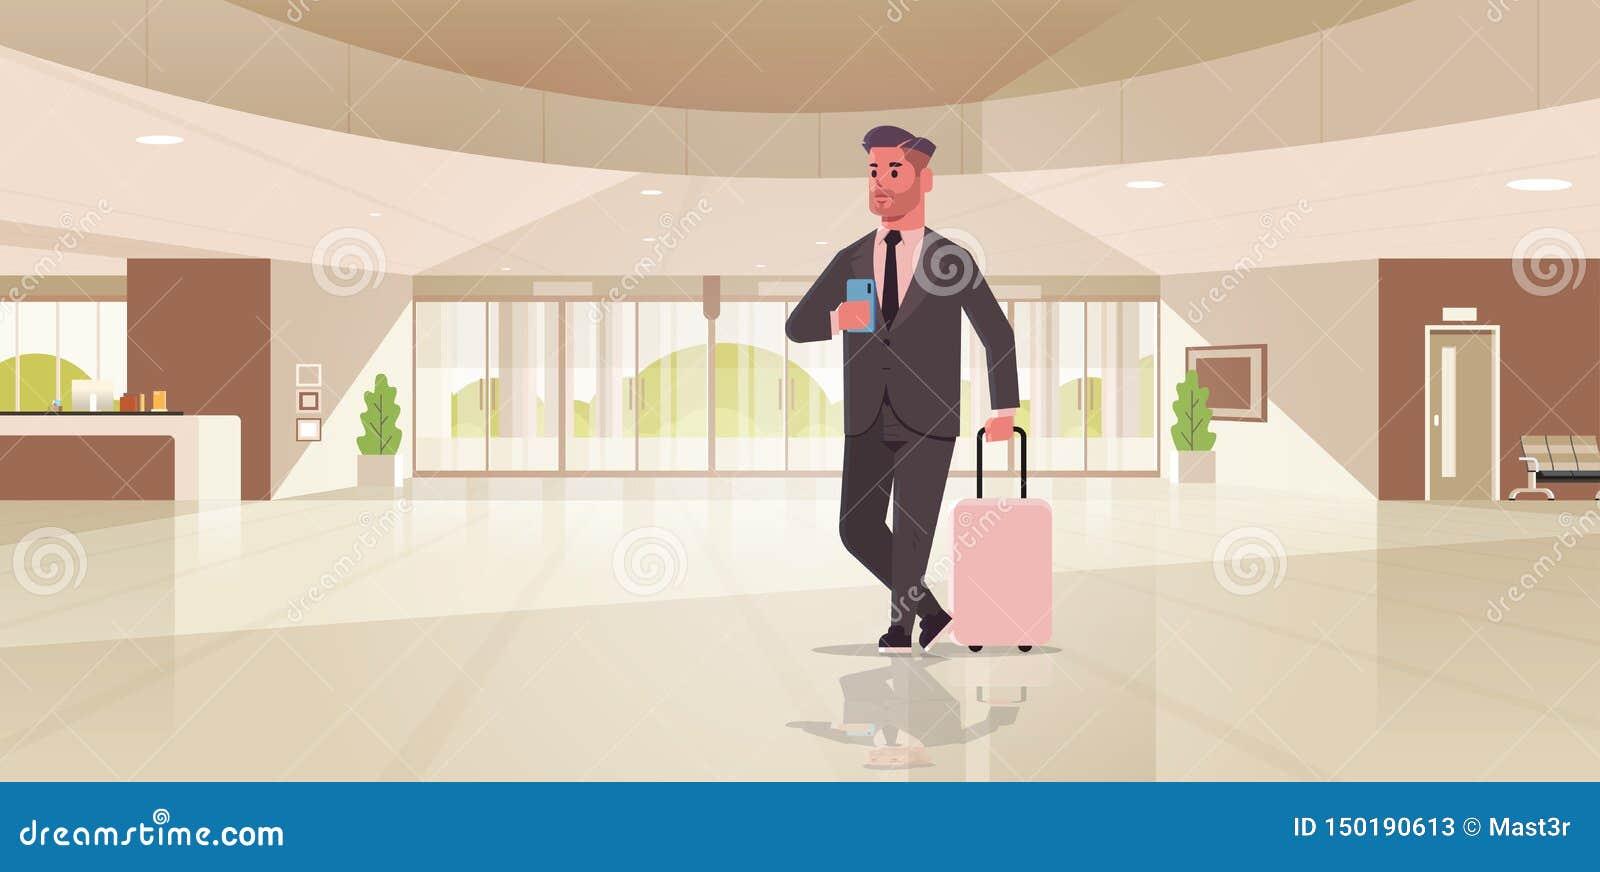 Hombre de negocios con la situación moderna del individuo de la maleta de la tenencia del hombre de negocios de área de recepción